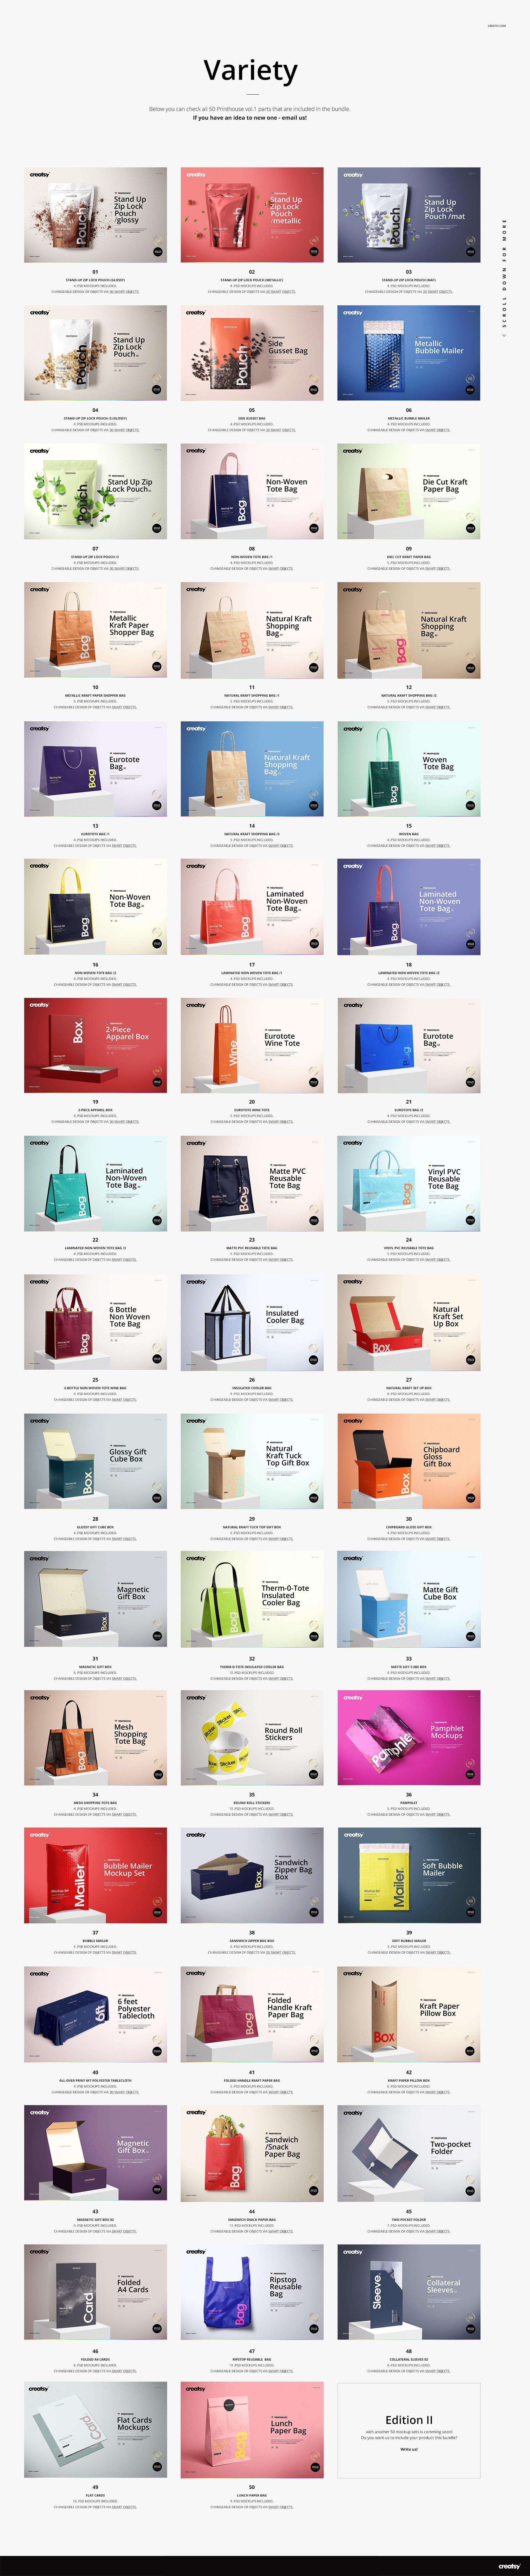 [淘宝购买] 273款时尚购物手提纸袋快递气泡塑料袋纸箱设计贴图PSD样机 Printhouse Mockups Bundle v.1插图(2)